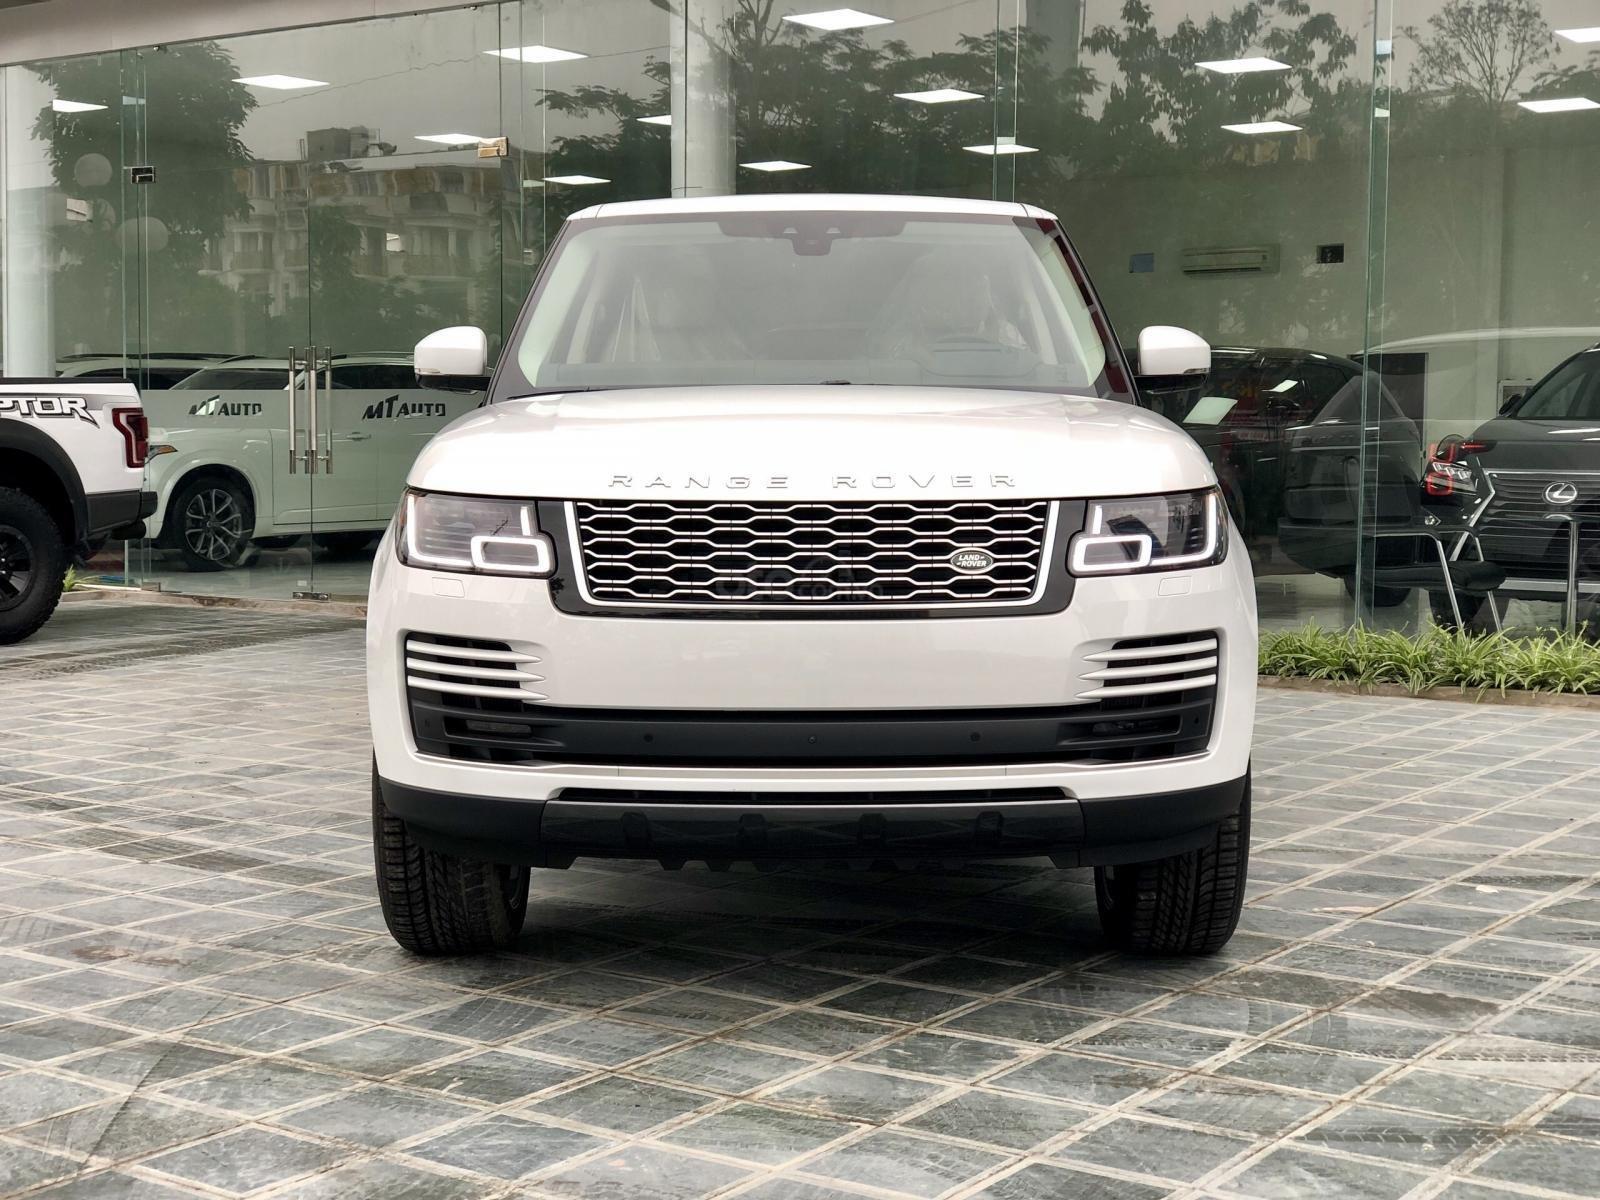 Bán LandRover Range Rover HSE 3.0 năm 2018, màu trắng, nhập khẩu, hỗ trợ ngân hàng 6 tỷ, call: 0914.868.198 (3)